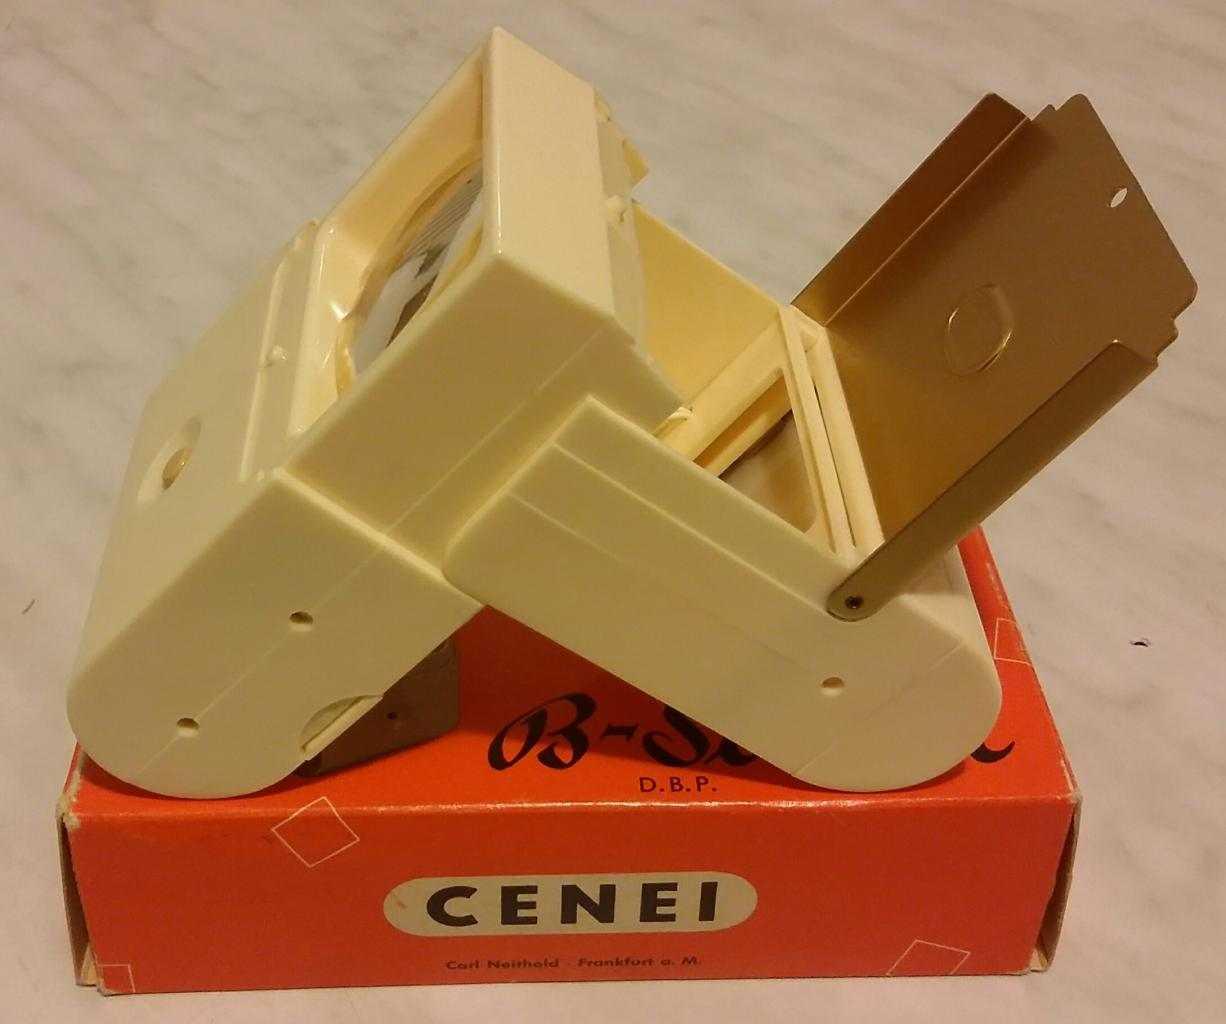 Visore dia CENEI B-Scoper D.B.P. anni ླྀ Made in Germany+scatola come nuovo